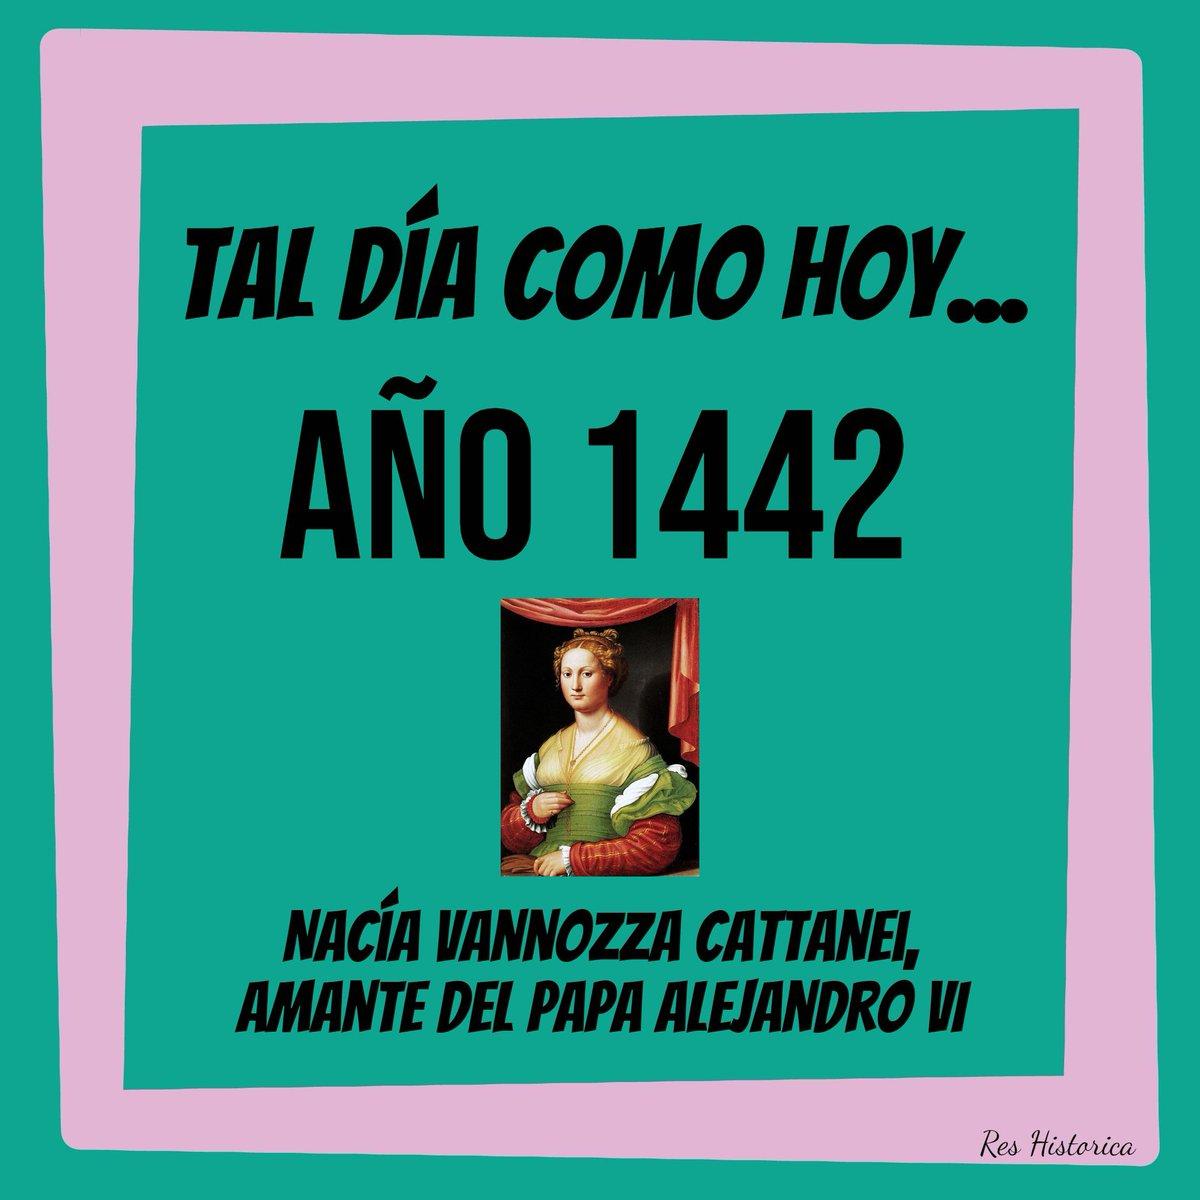 Tal día como hoy... 13 de julio de 1442 nació Vannozza Cattanei, amante del papa Alejandro VI (el valenciano Rodrigo Borgia). Tuvo cuatro hijos legítimos, entre ellos César y Lucrecia Borgia #edadmoderna #edadmedia #papa #iglesia #historia #taldíacomohoy #efemérides #curiosidades https://t.co/cWMlZe4anF